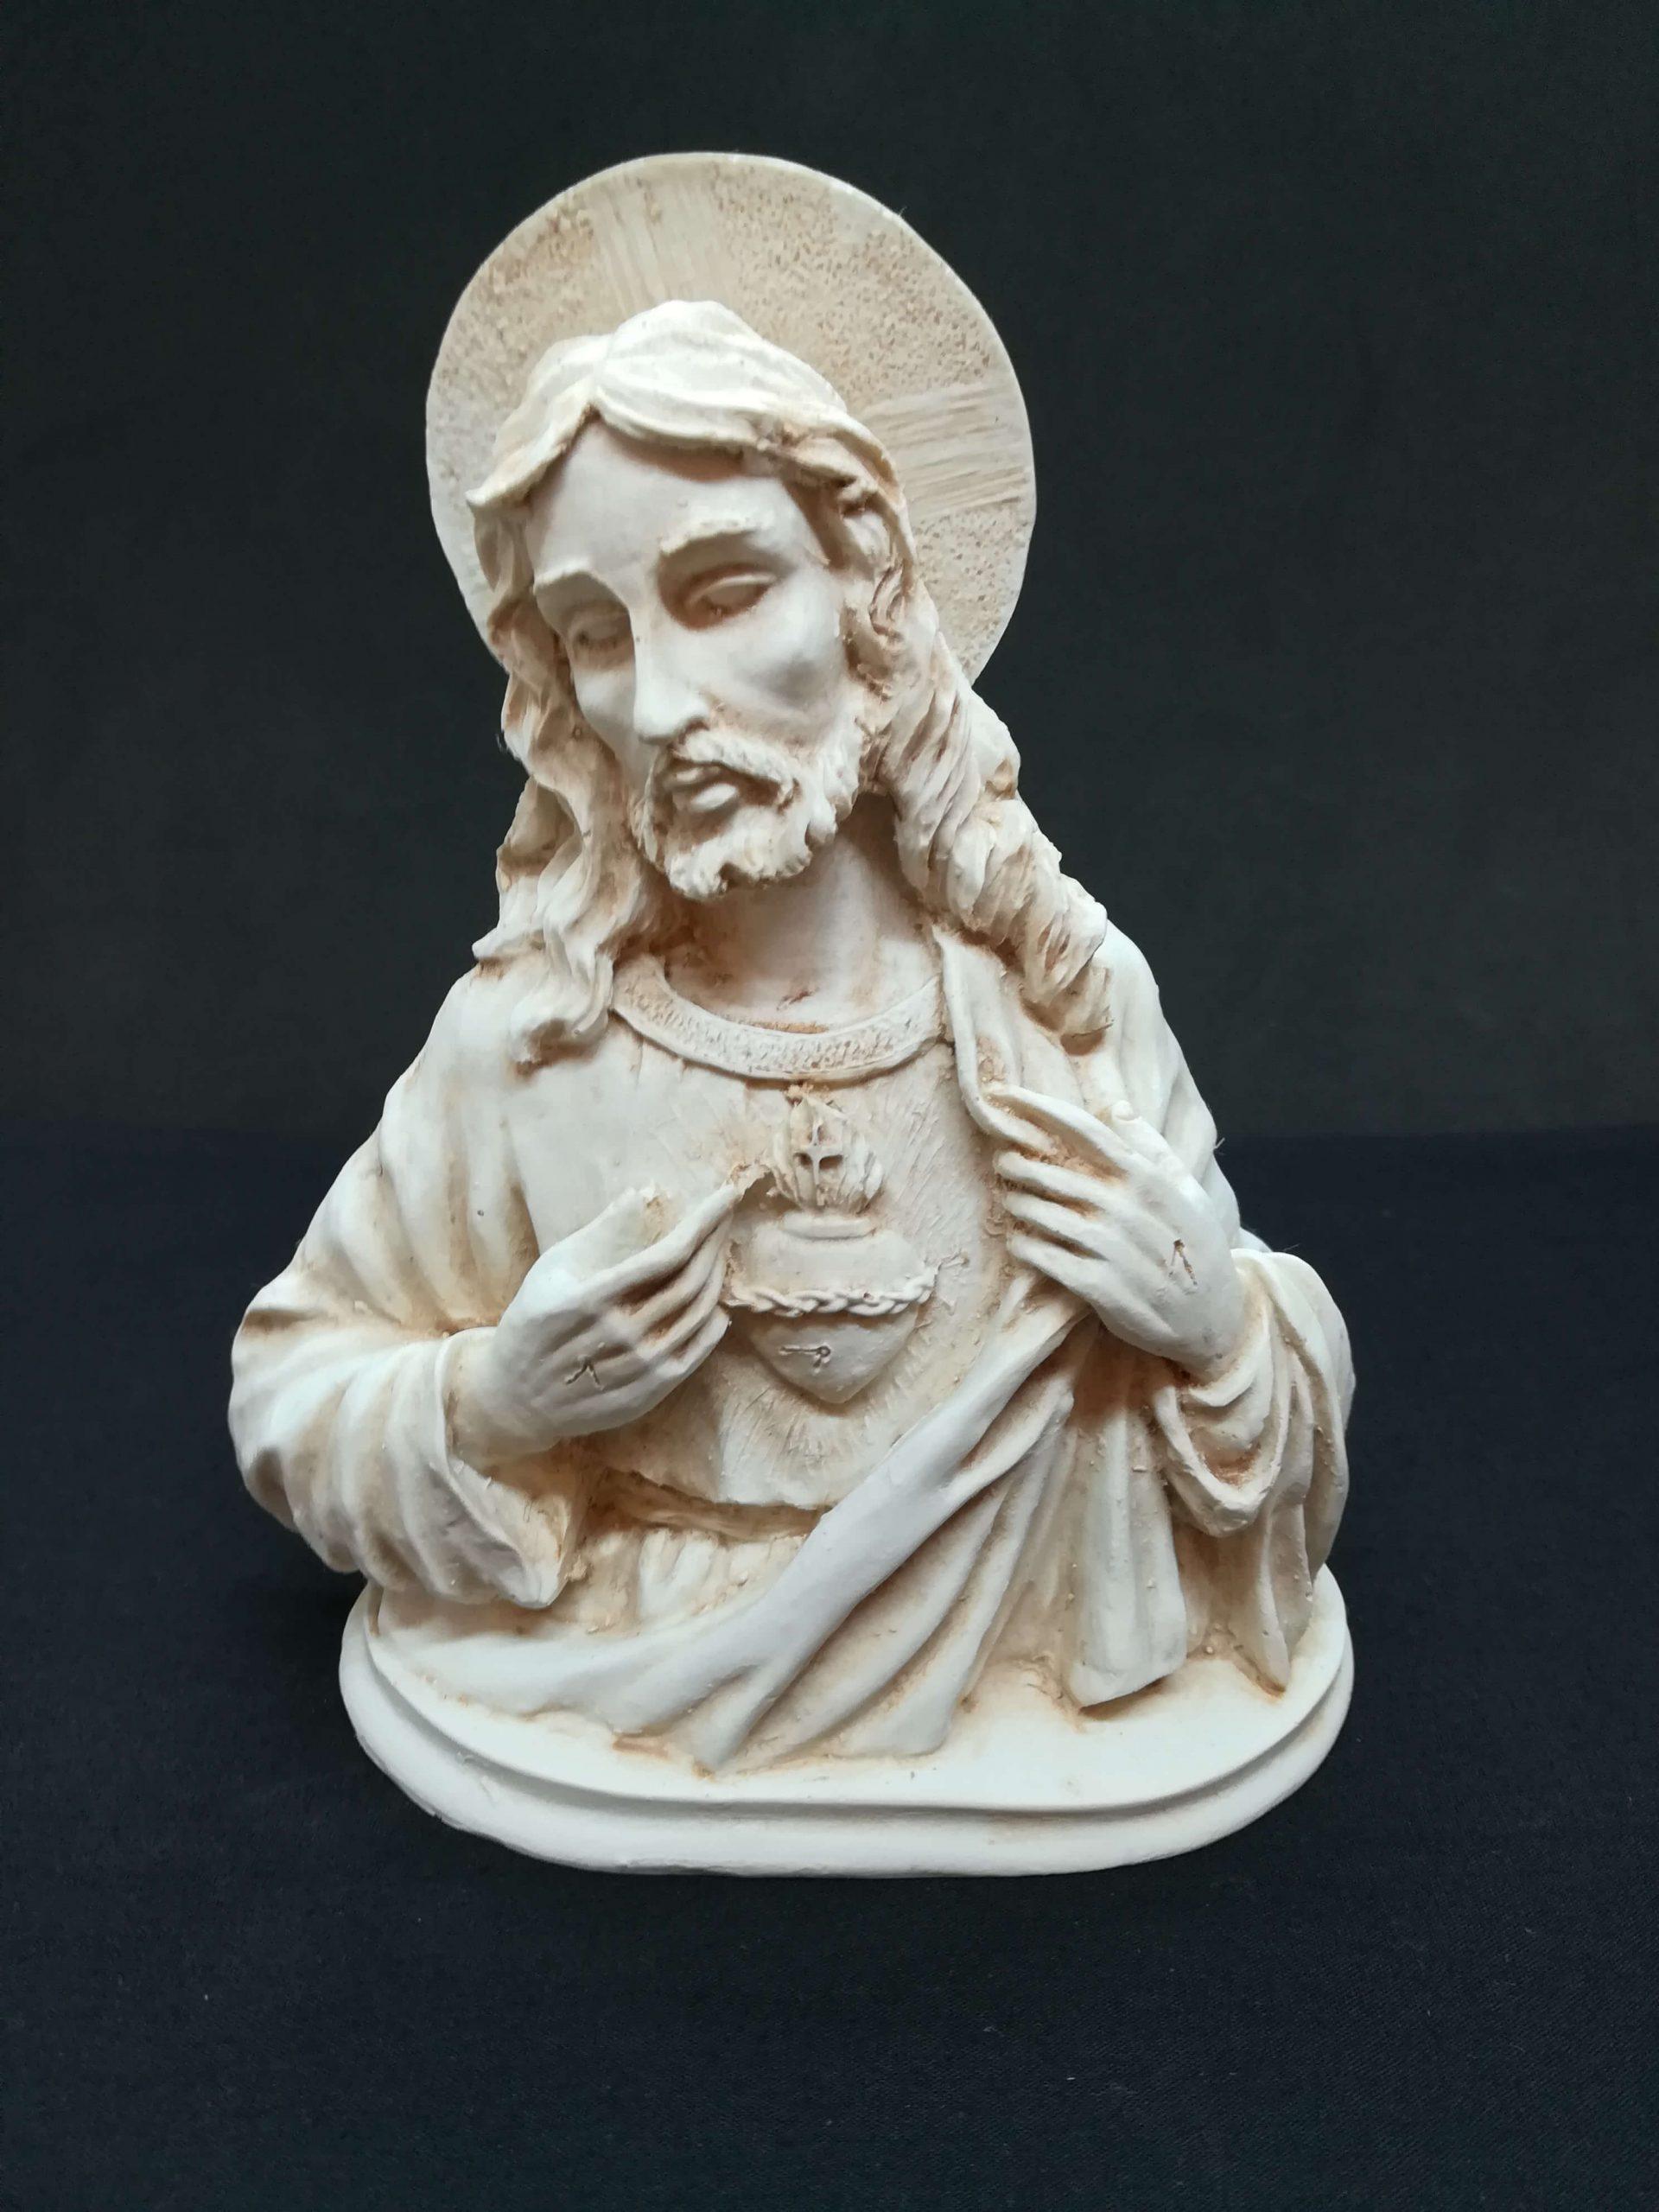 Christian Ornaments & Angels